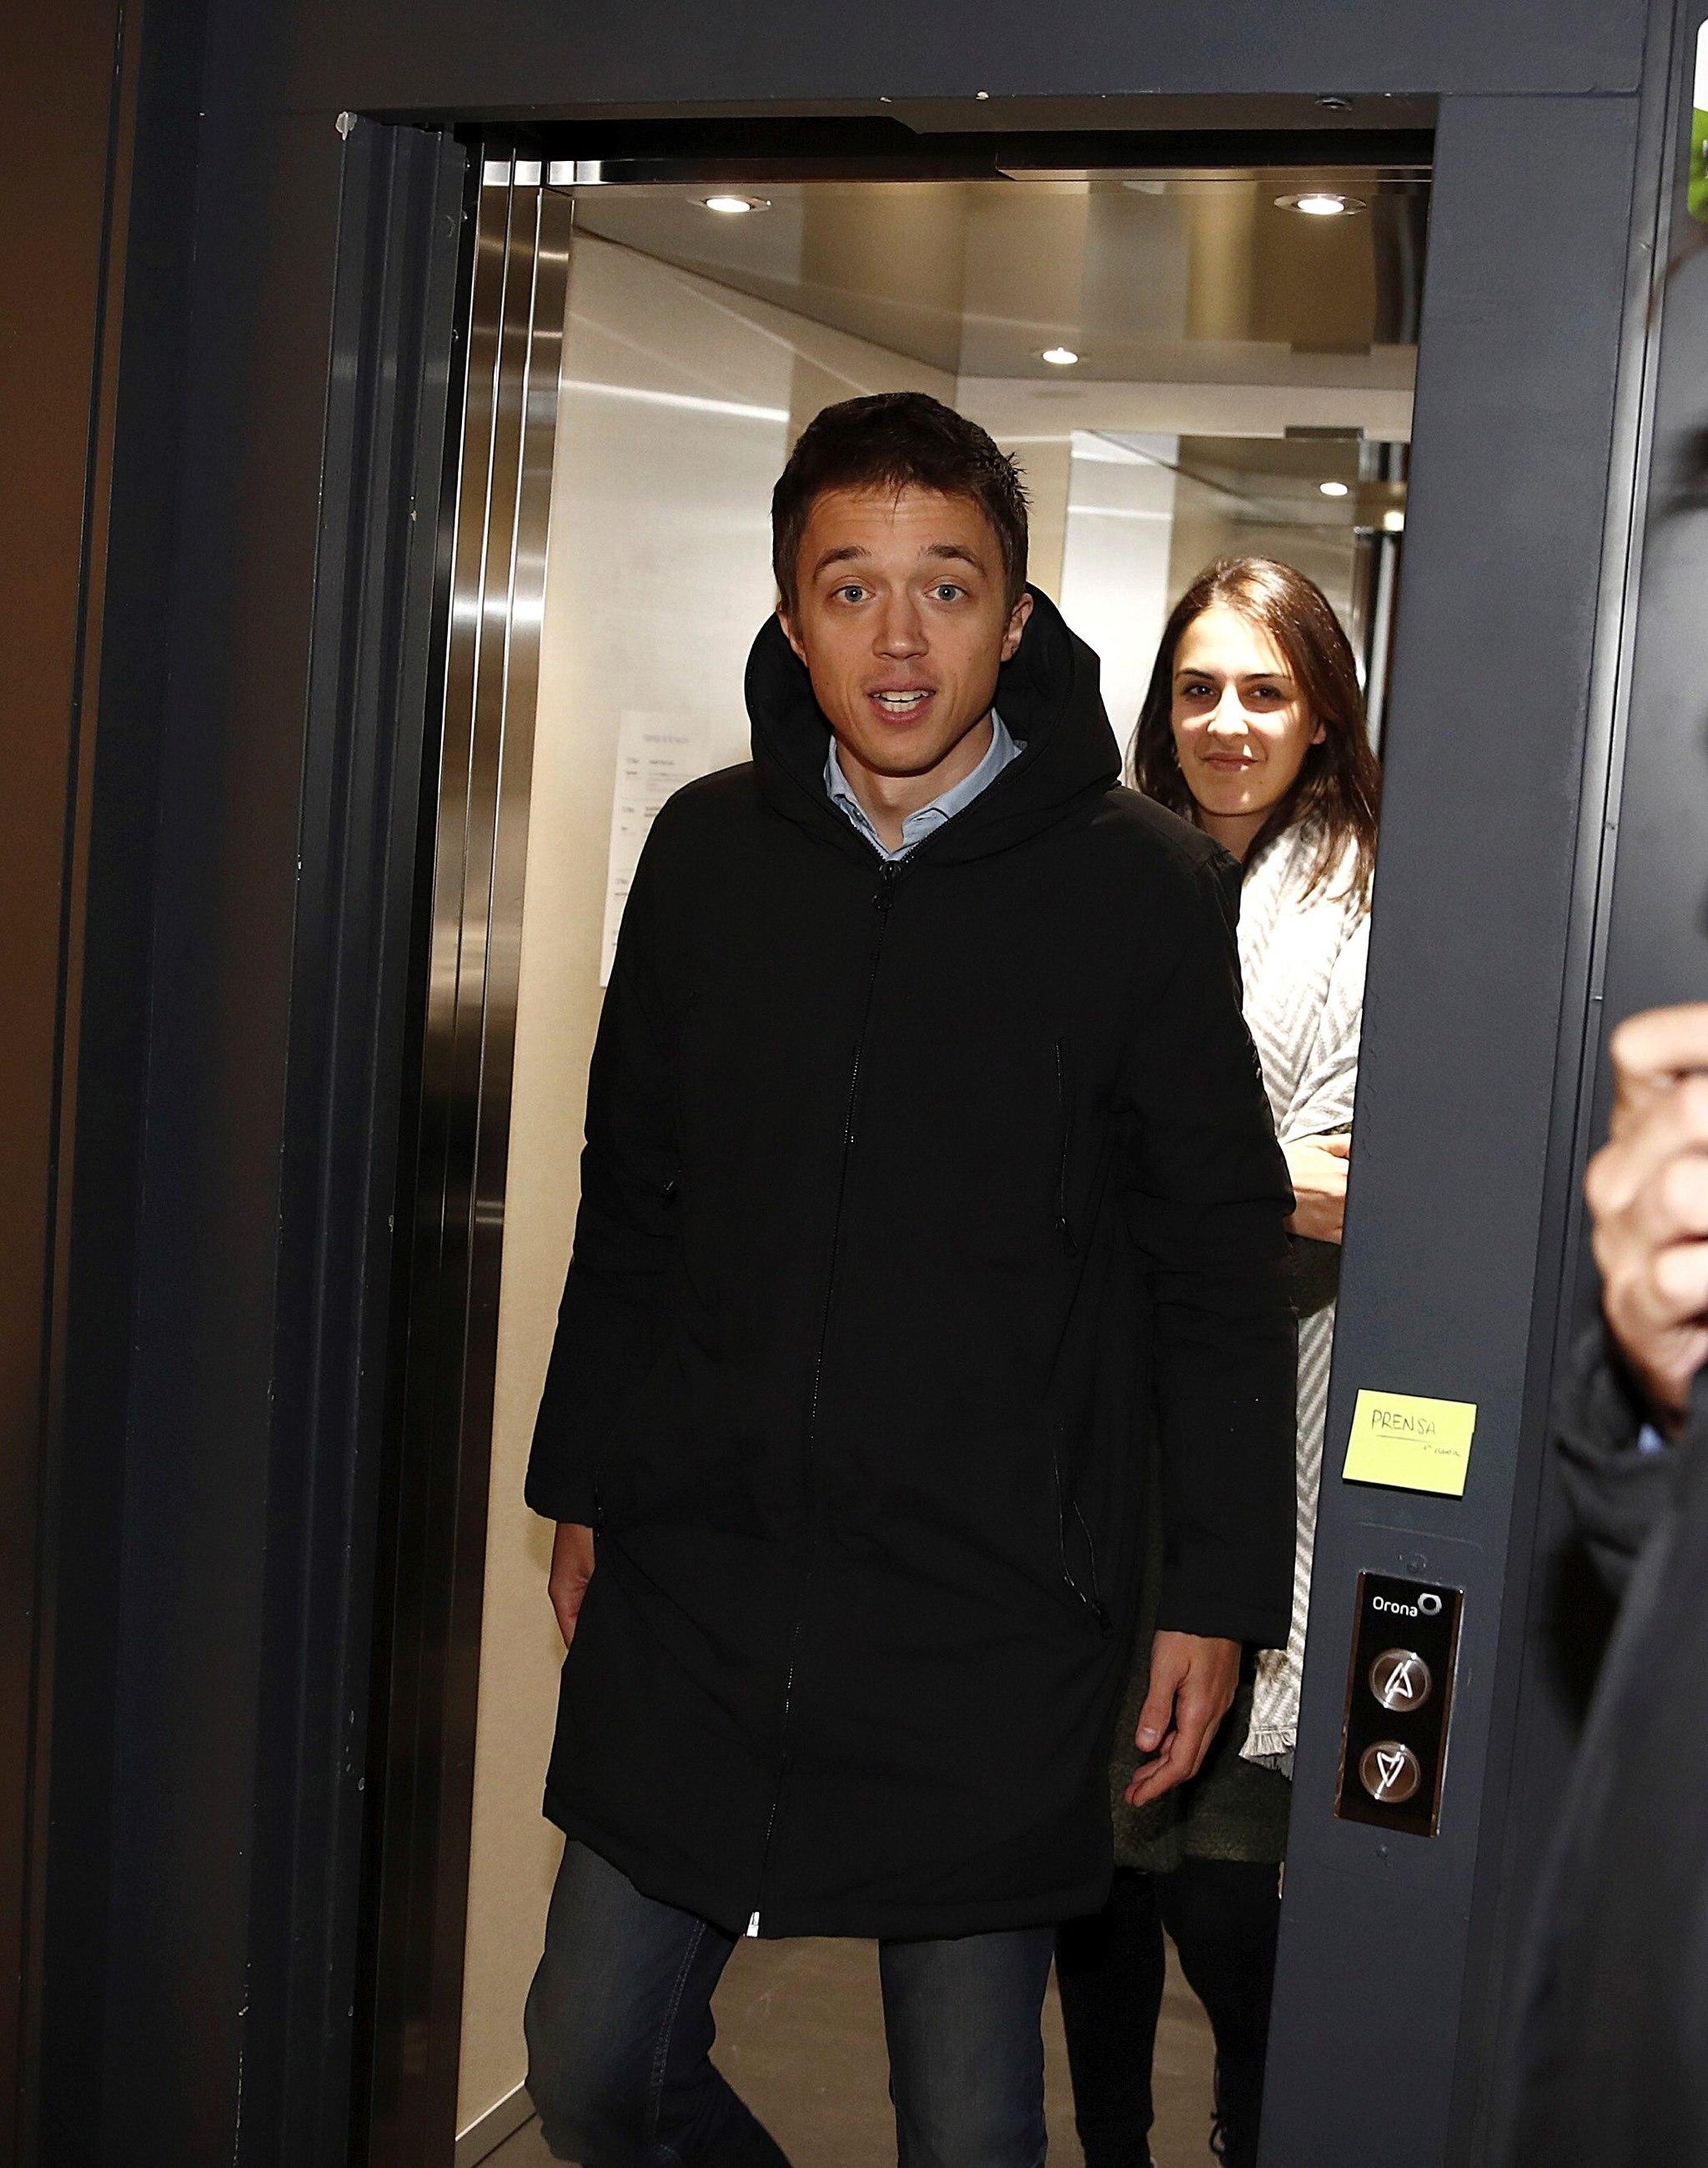 El candidato de Más País a la presidencia de Gobierno, Íñigo Errejón, a su llegada a la sede del partido para el seguimiento electoral.